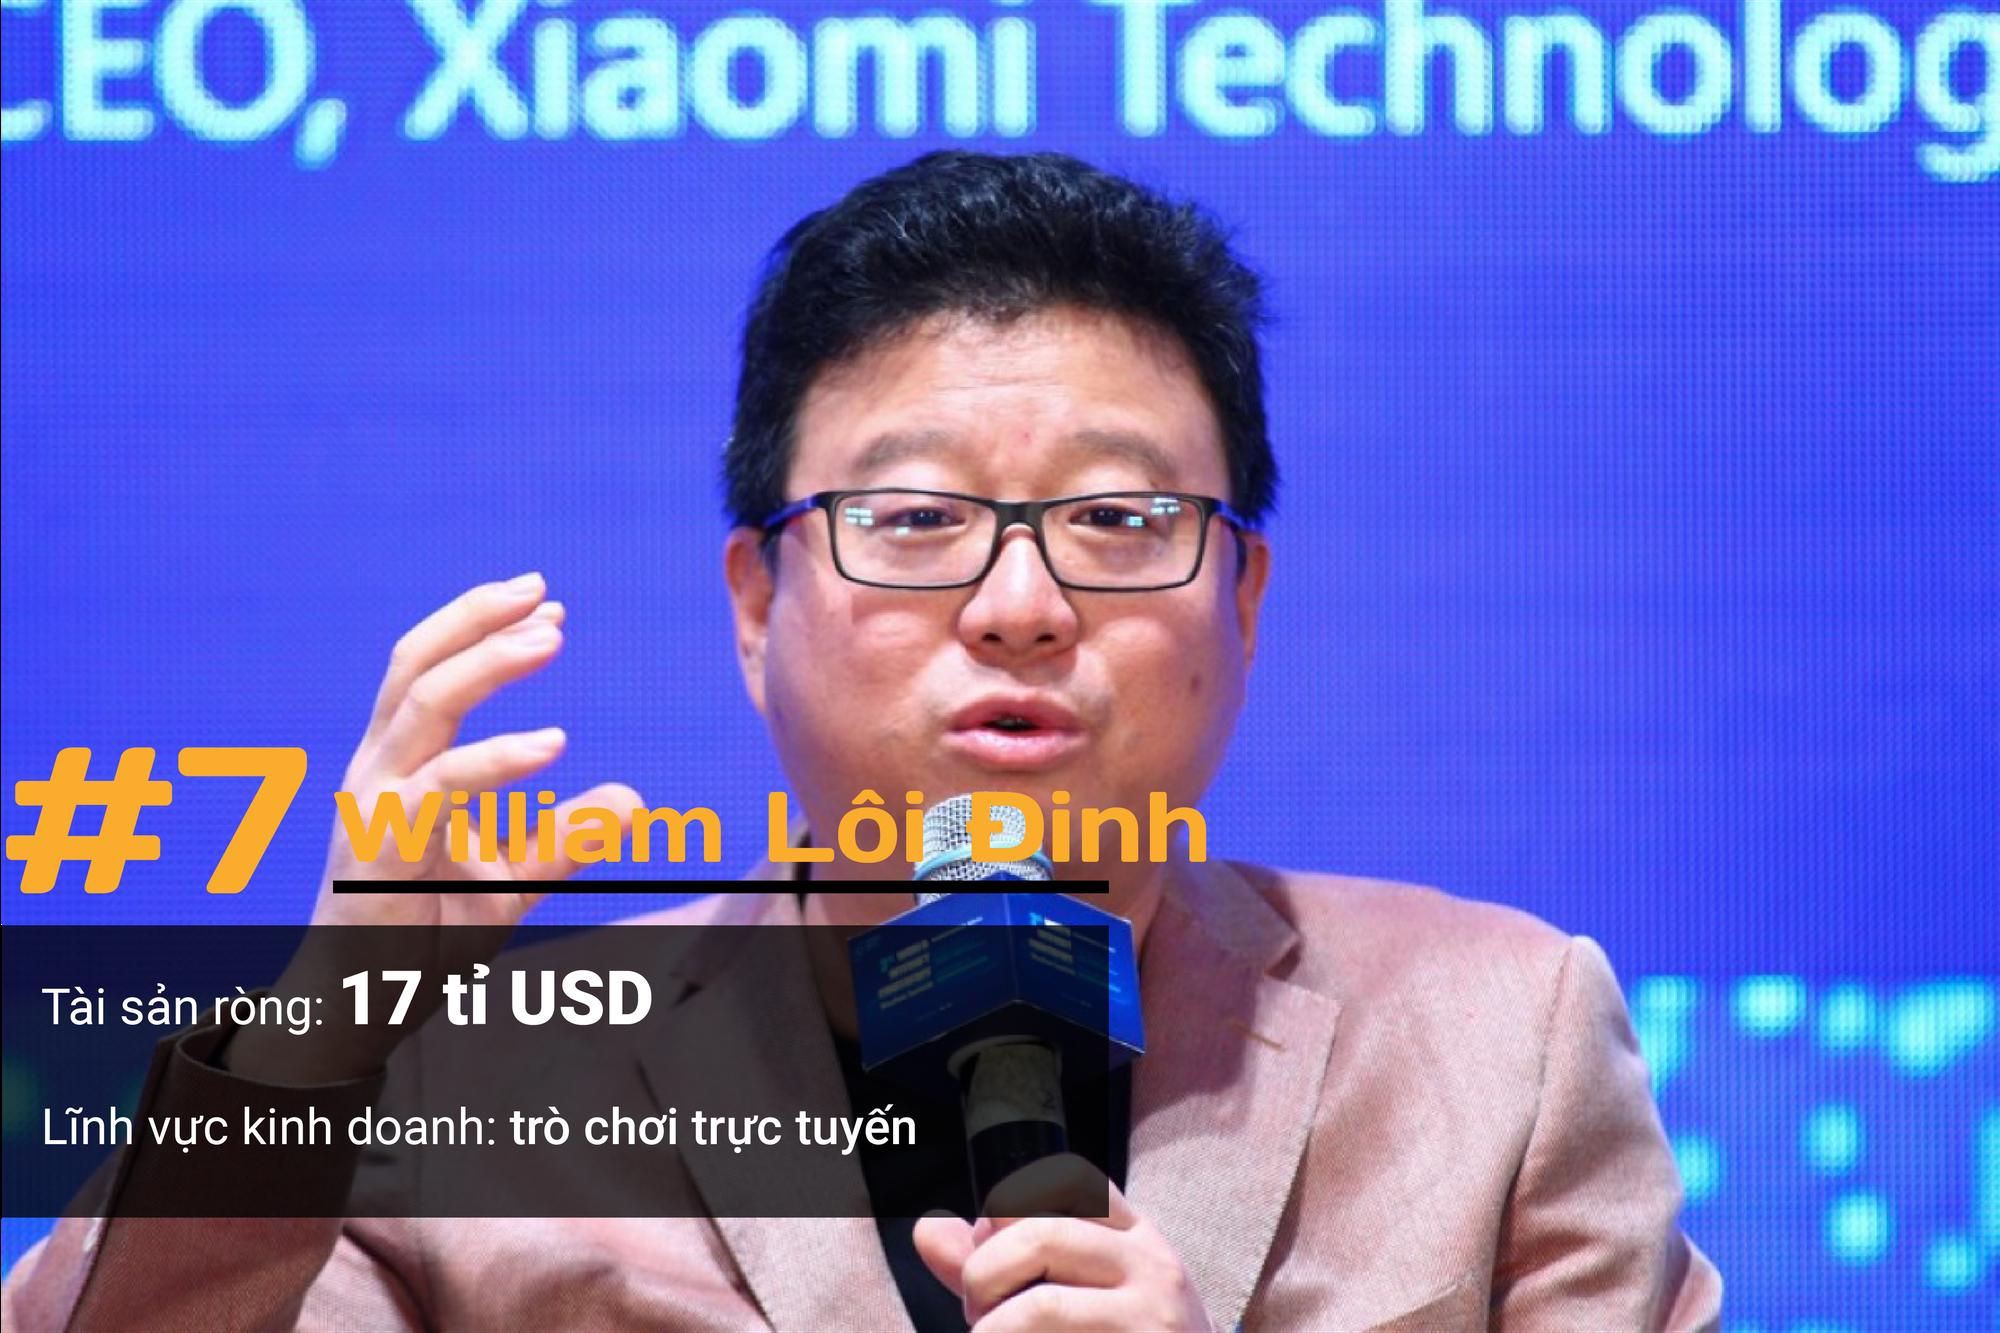 Jack Ma vẫn là người giàu nhất, Trung Quốc có tỉ phú nuôi heo - Ảnh 7.